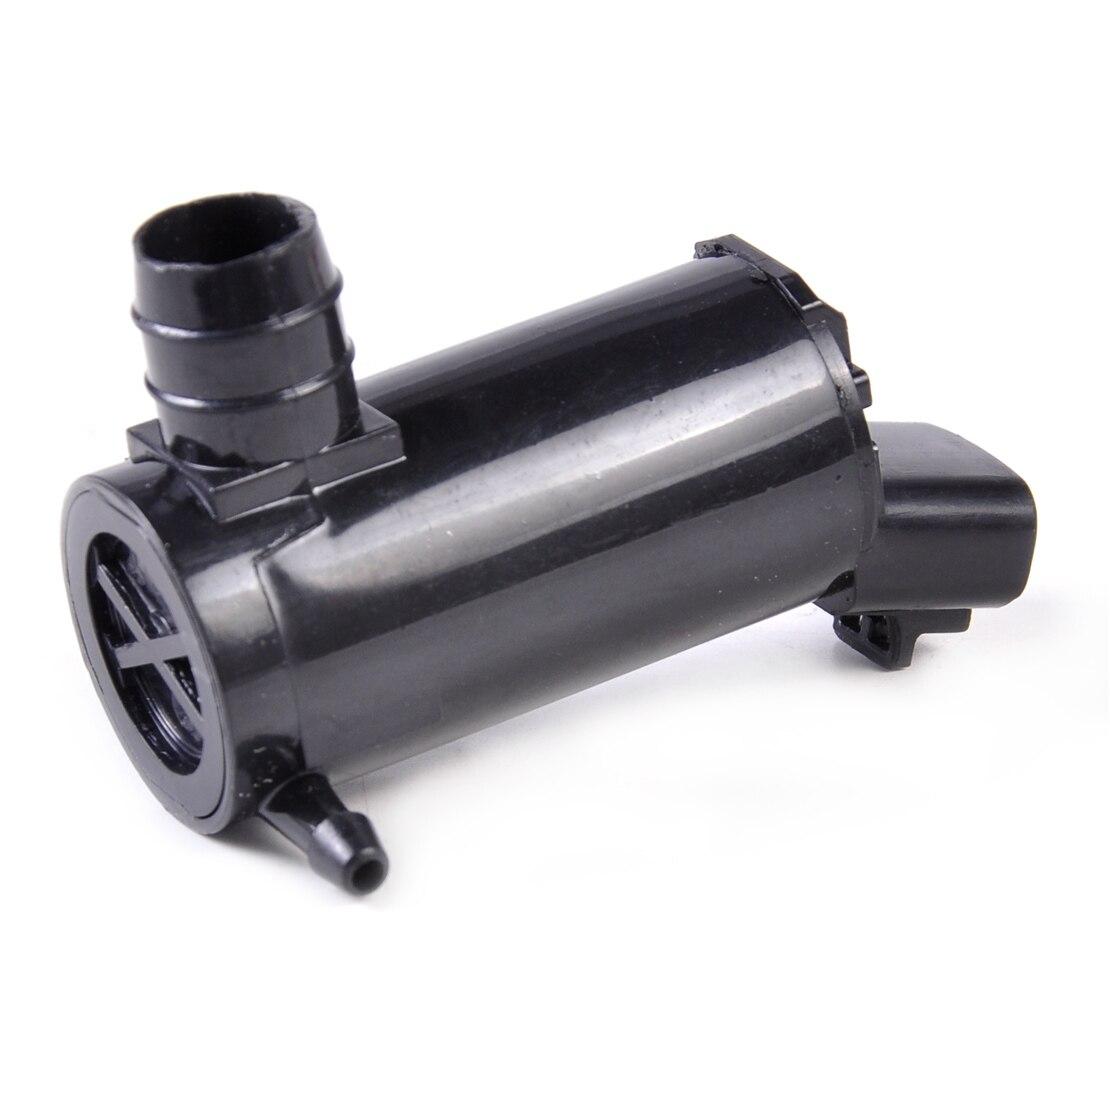 DWCX Car Windshield Washer Pump Motor 85330-12340 85330-12340 PSDJ011 for Toyota Camry Corolla Matrix Sienna Solara Land Cruiser